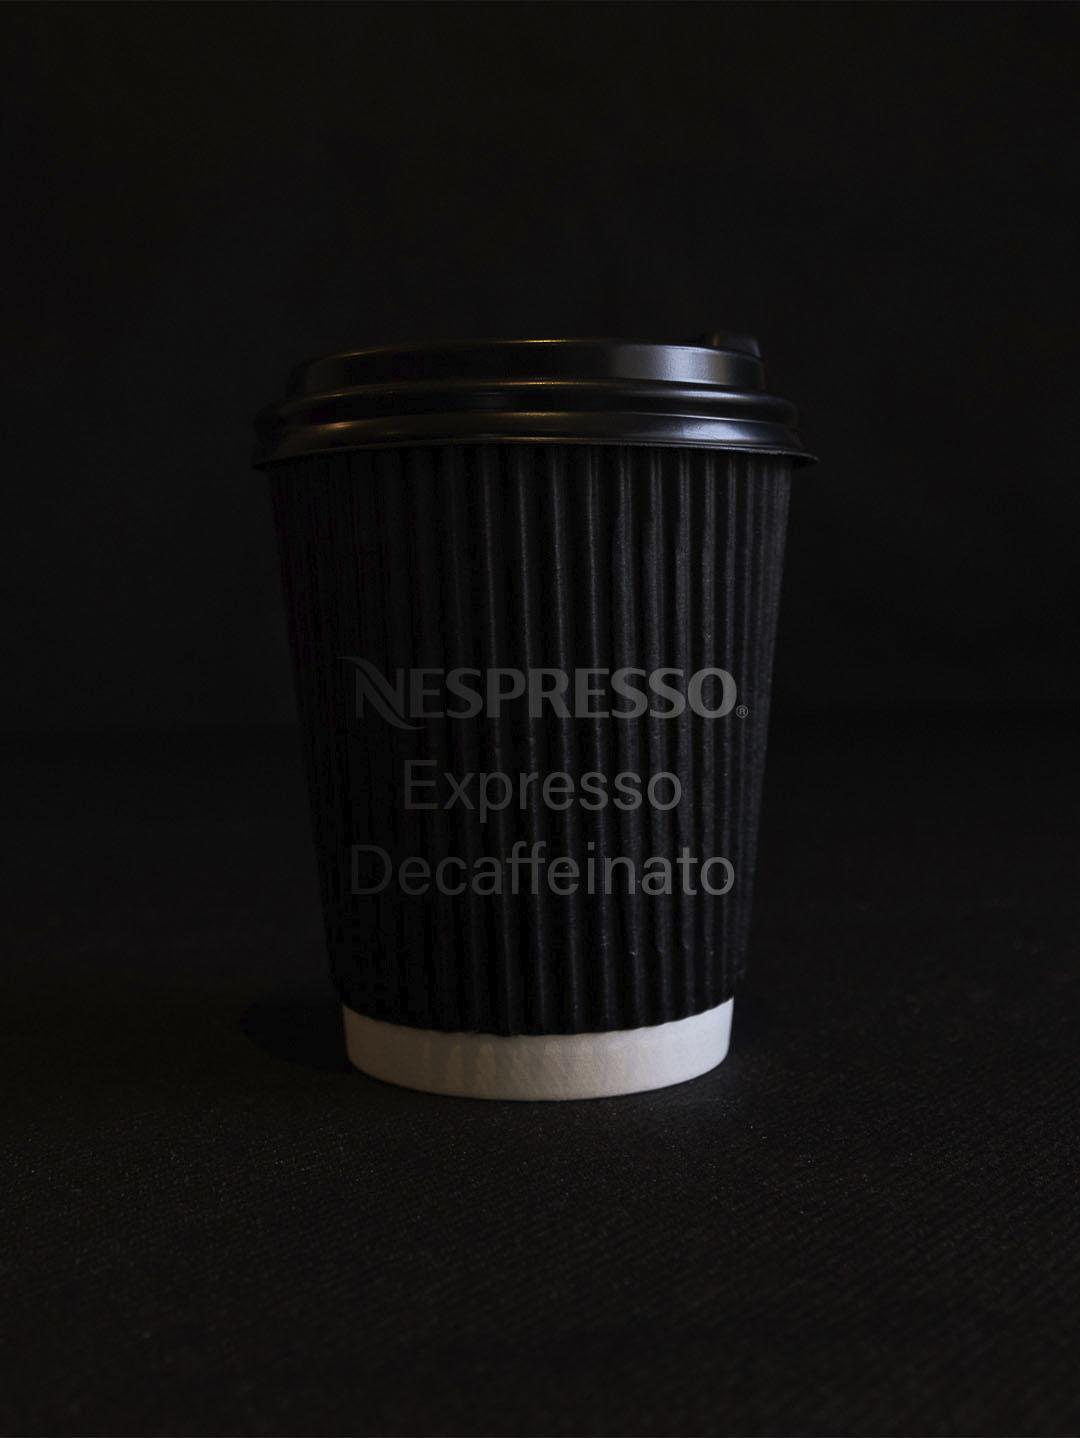 Nespresso expresso decaffeinato coeur gourmand